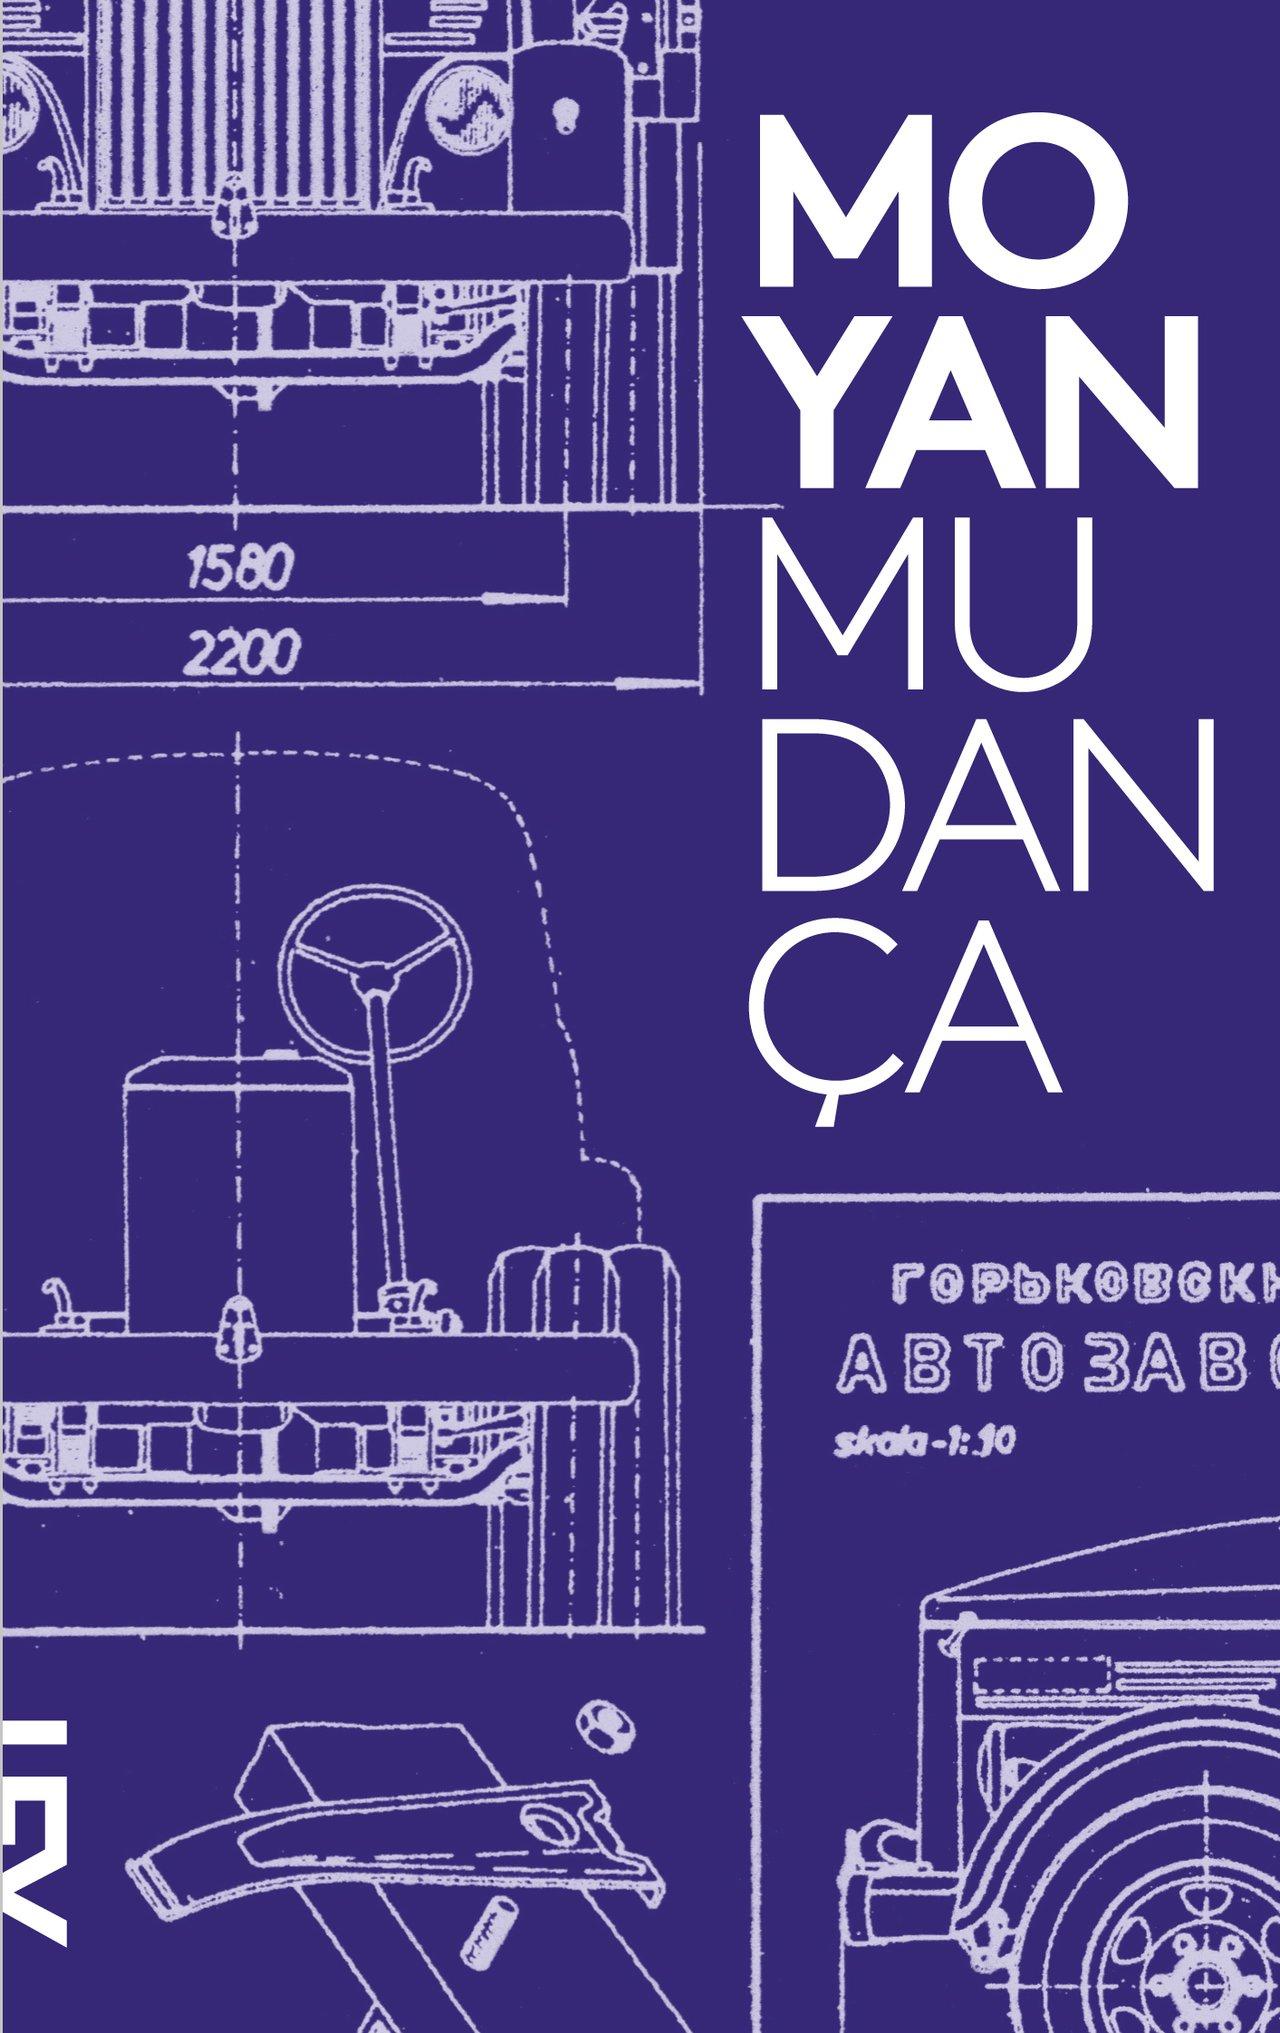 capa do livro Mudança, de Mo Yan. (crédito: divulgação)